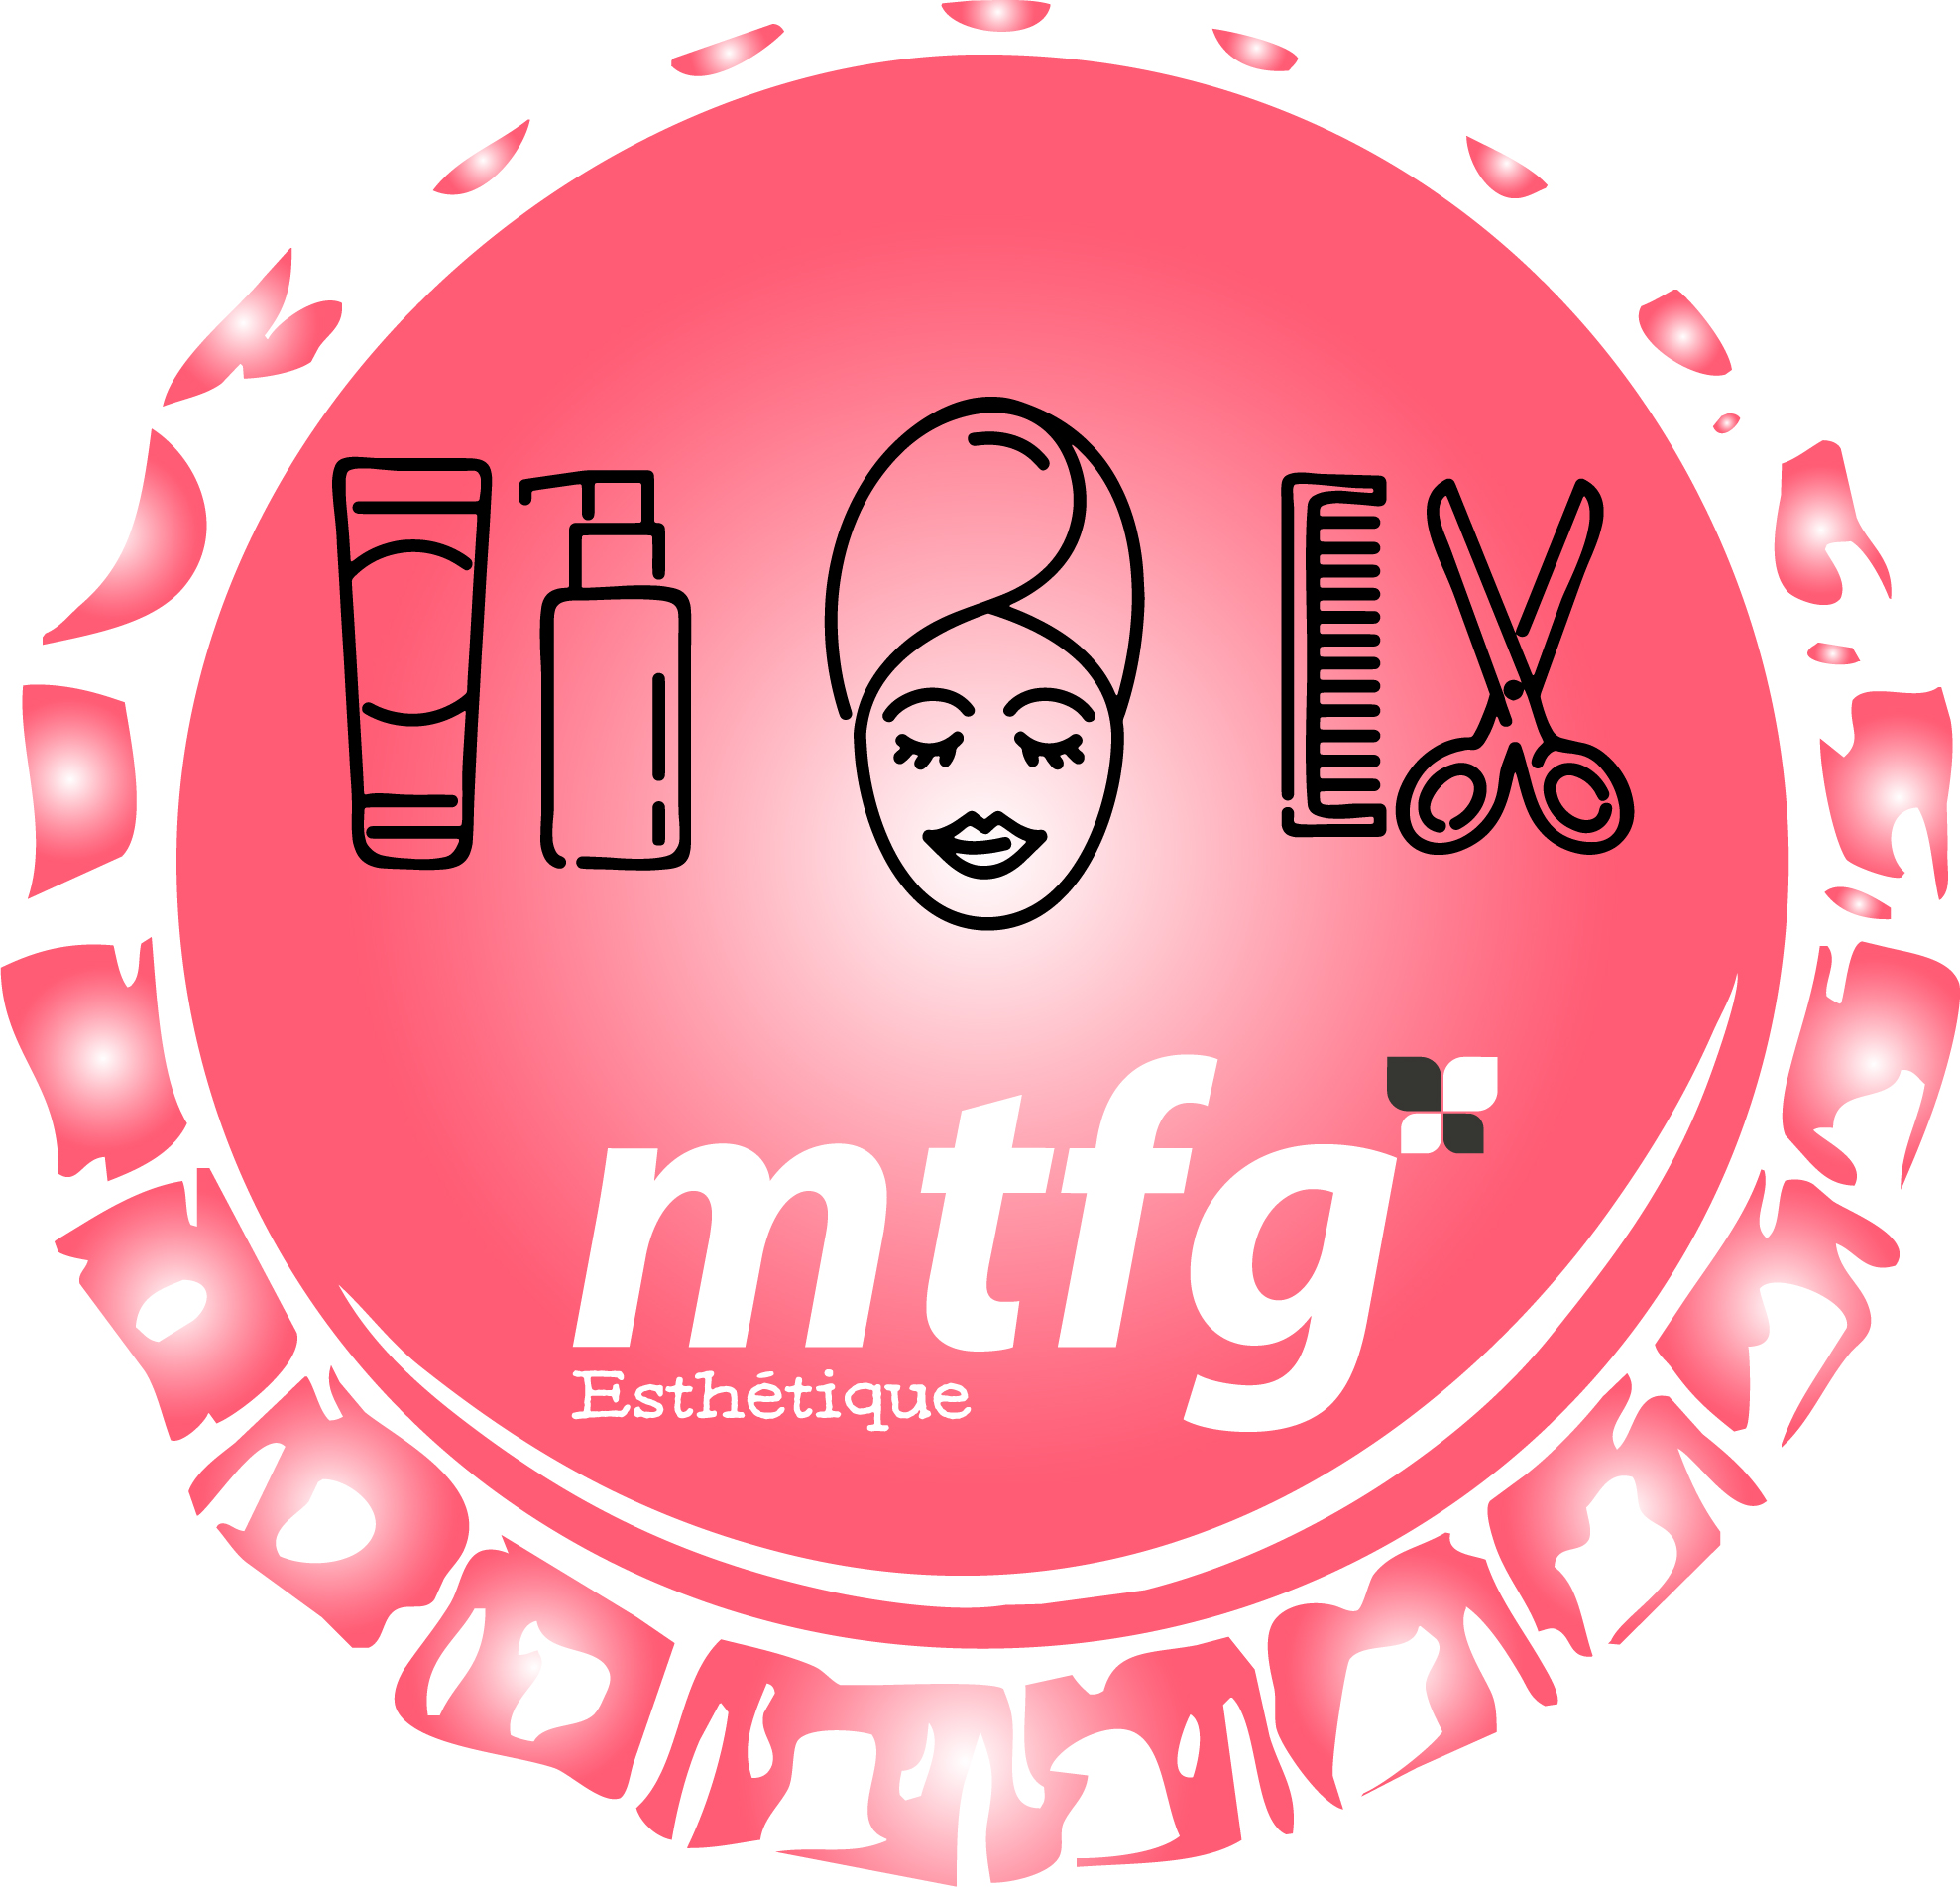 MTFG Esthétique